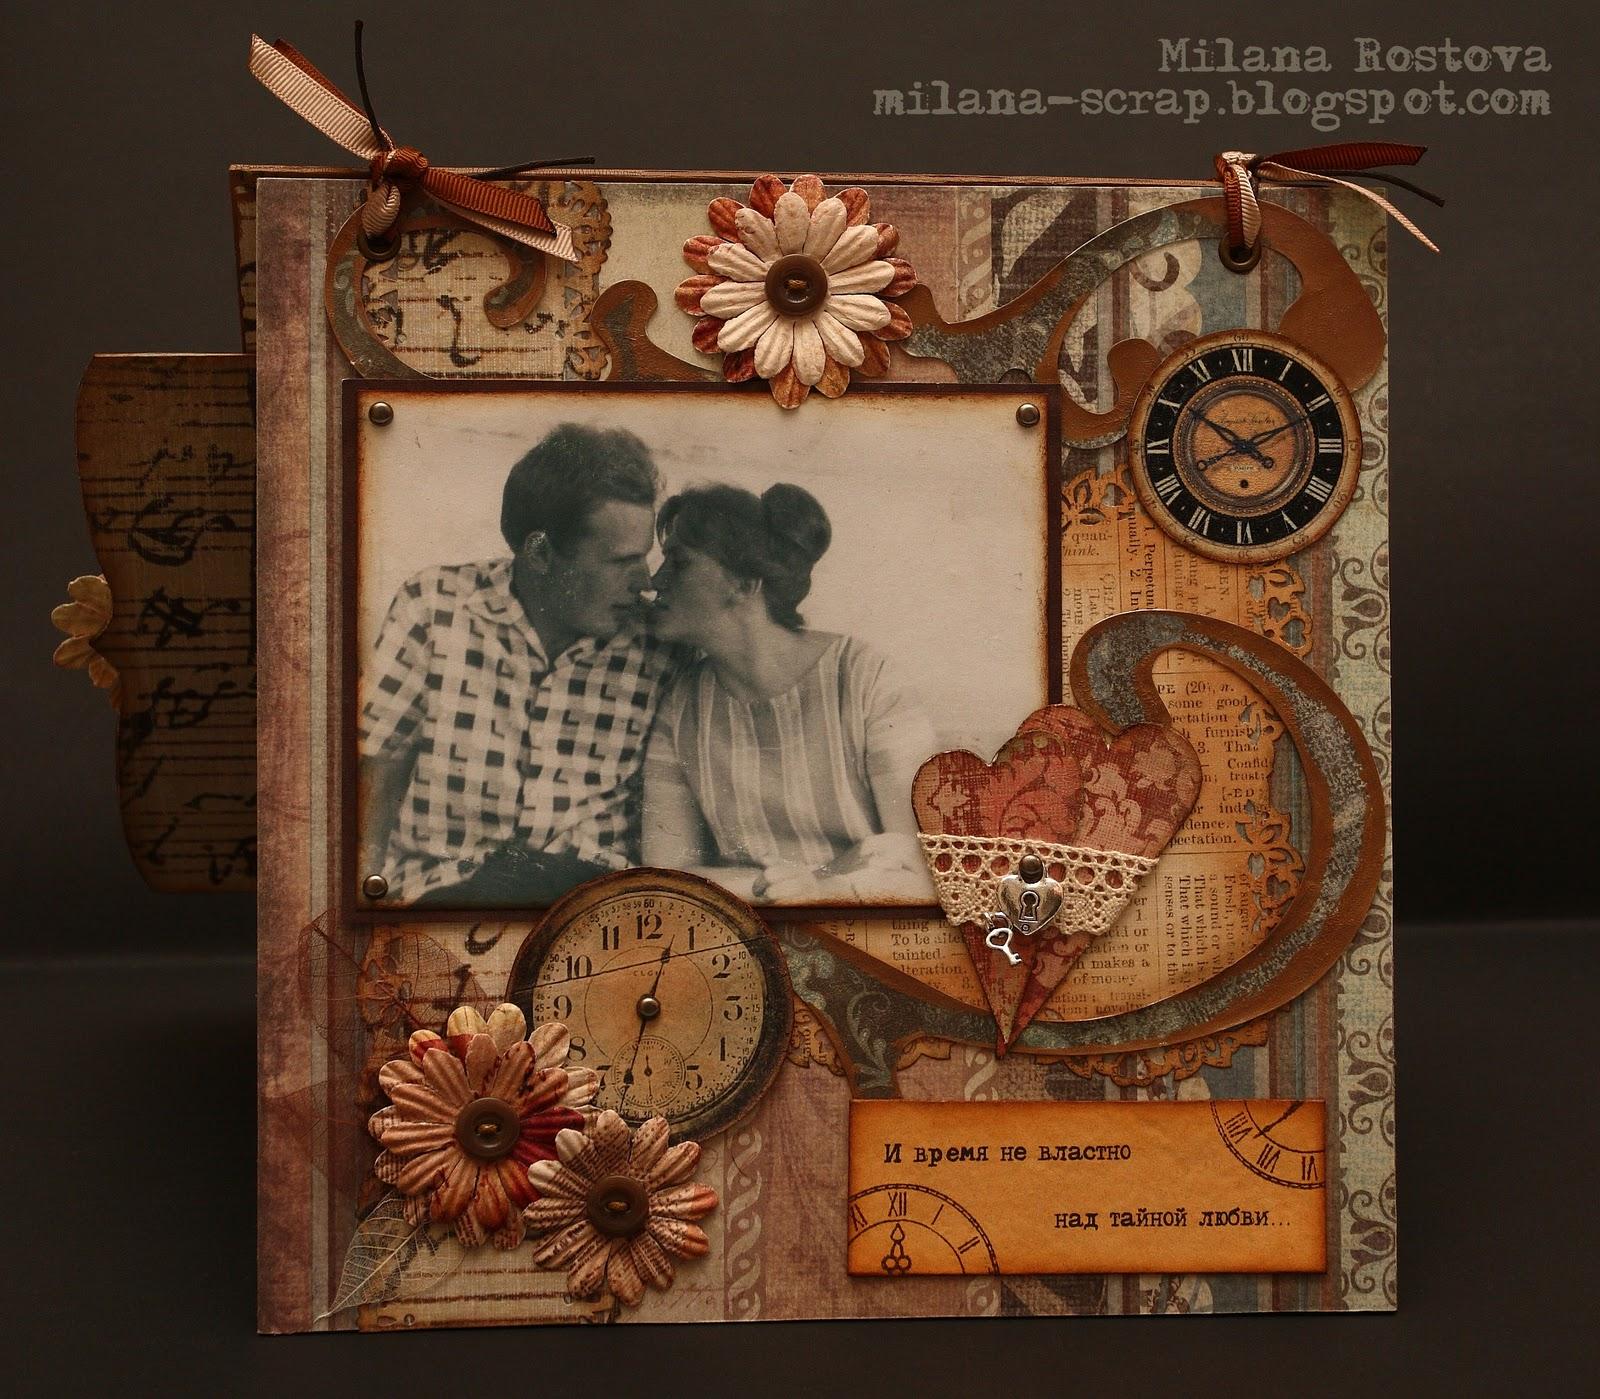 Подарок на золотую свадьбу бабушке и дедушке фото 40